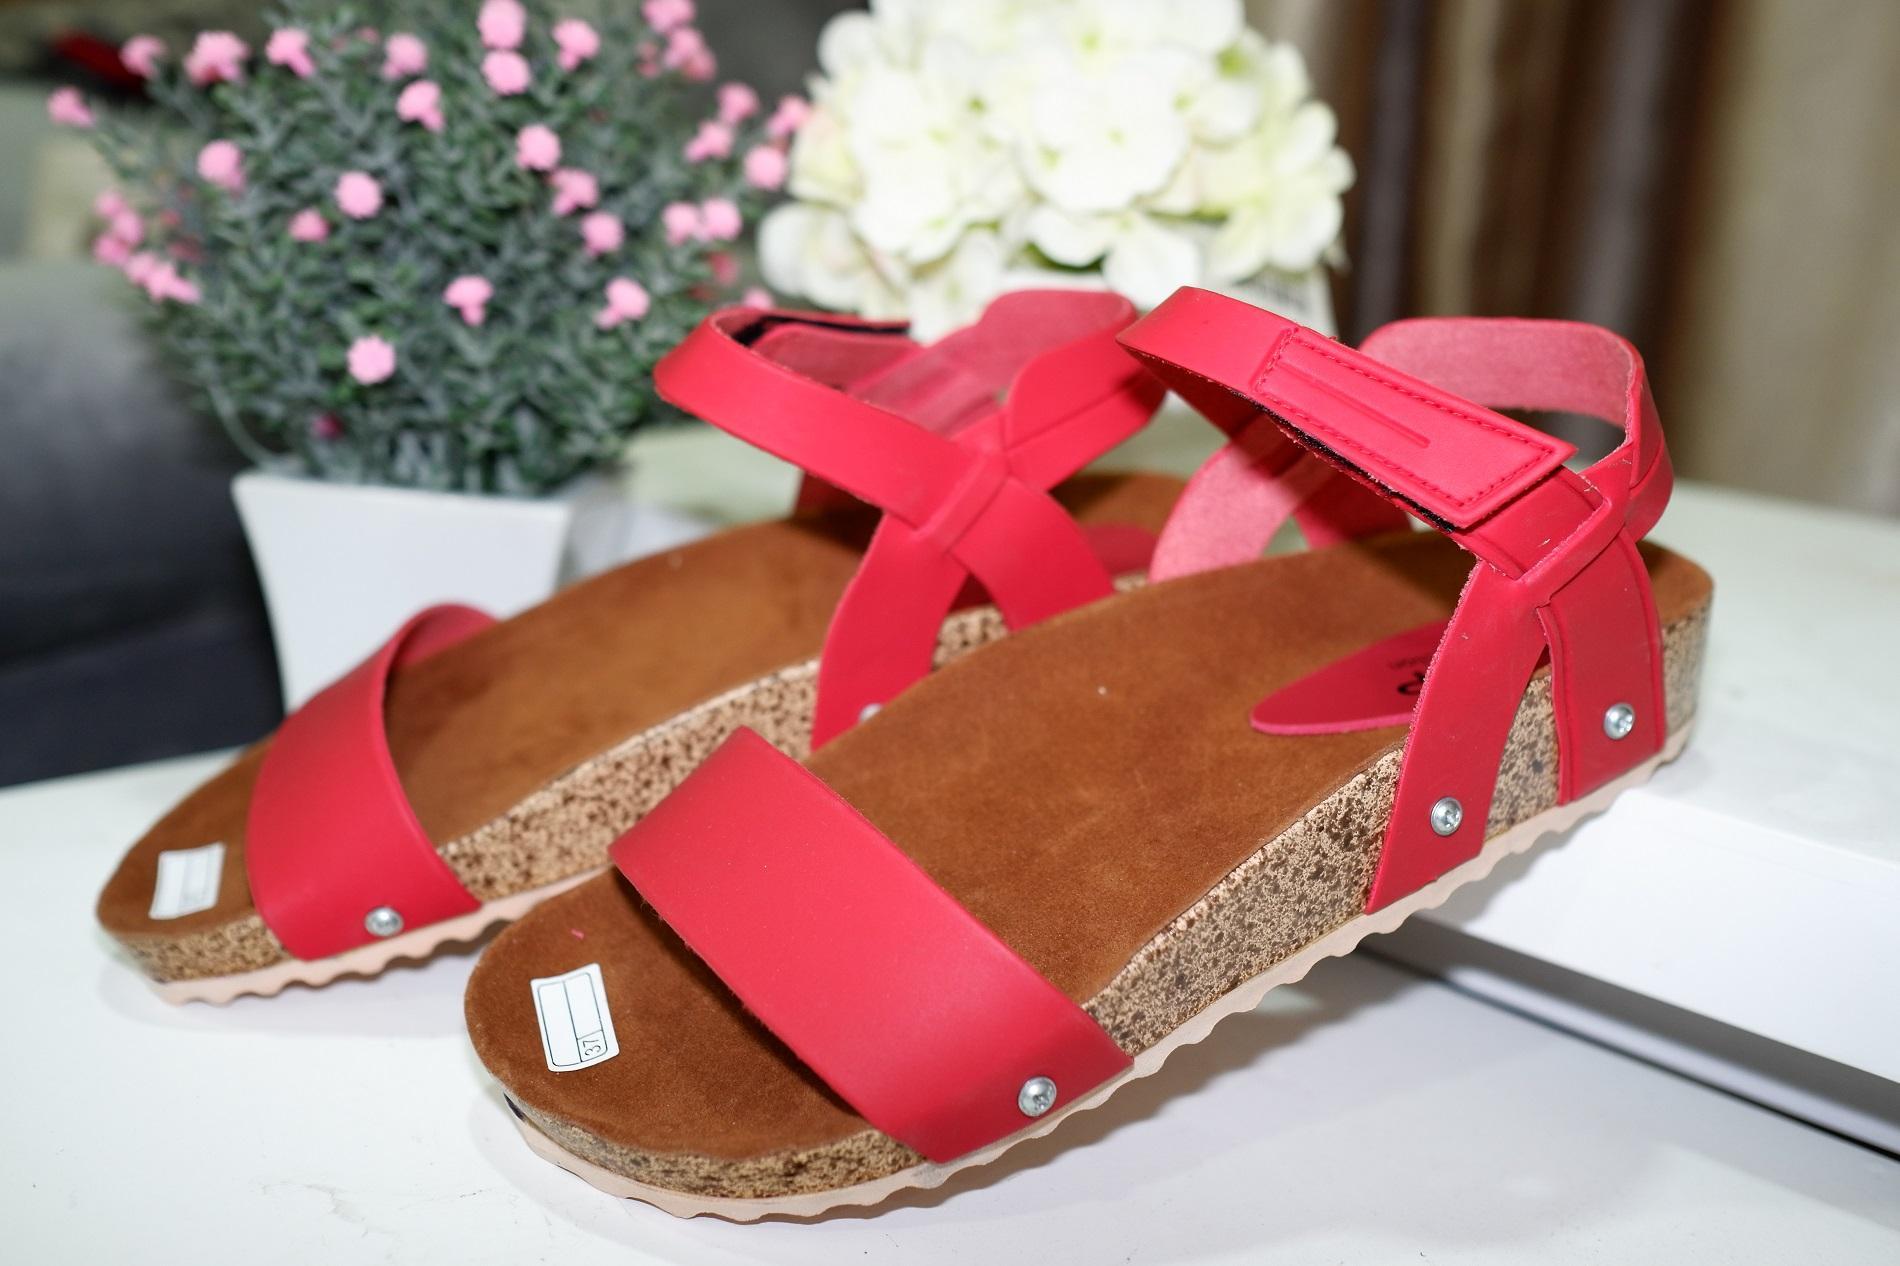 Sandal Wanita Merk Bata Informasi Harga Flatbed Formal Rc 04 Rnp Collection Sendal Rc05 Murah